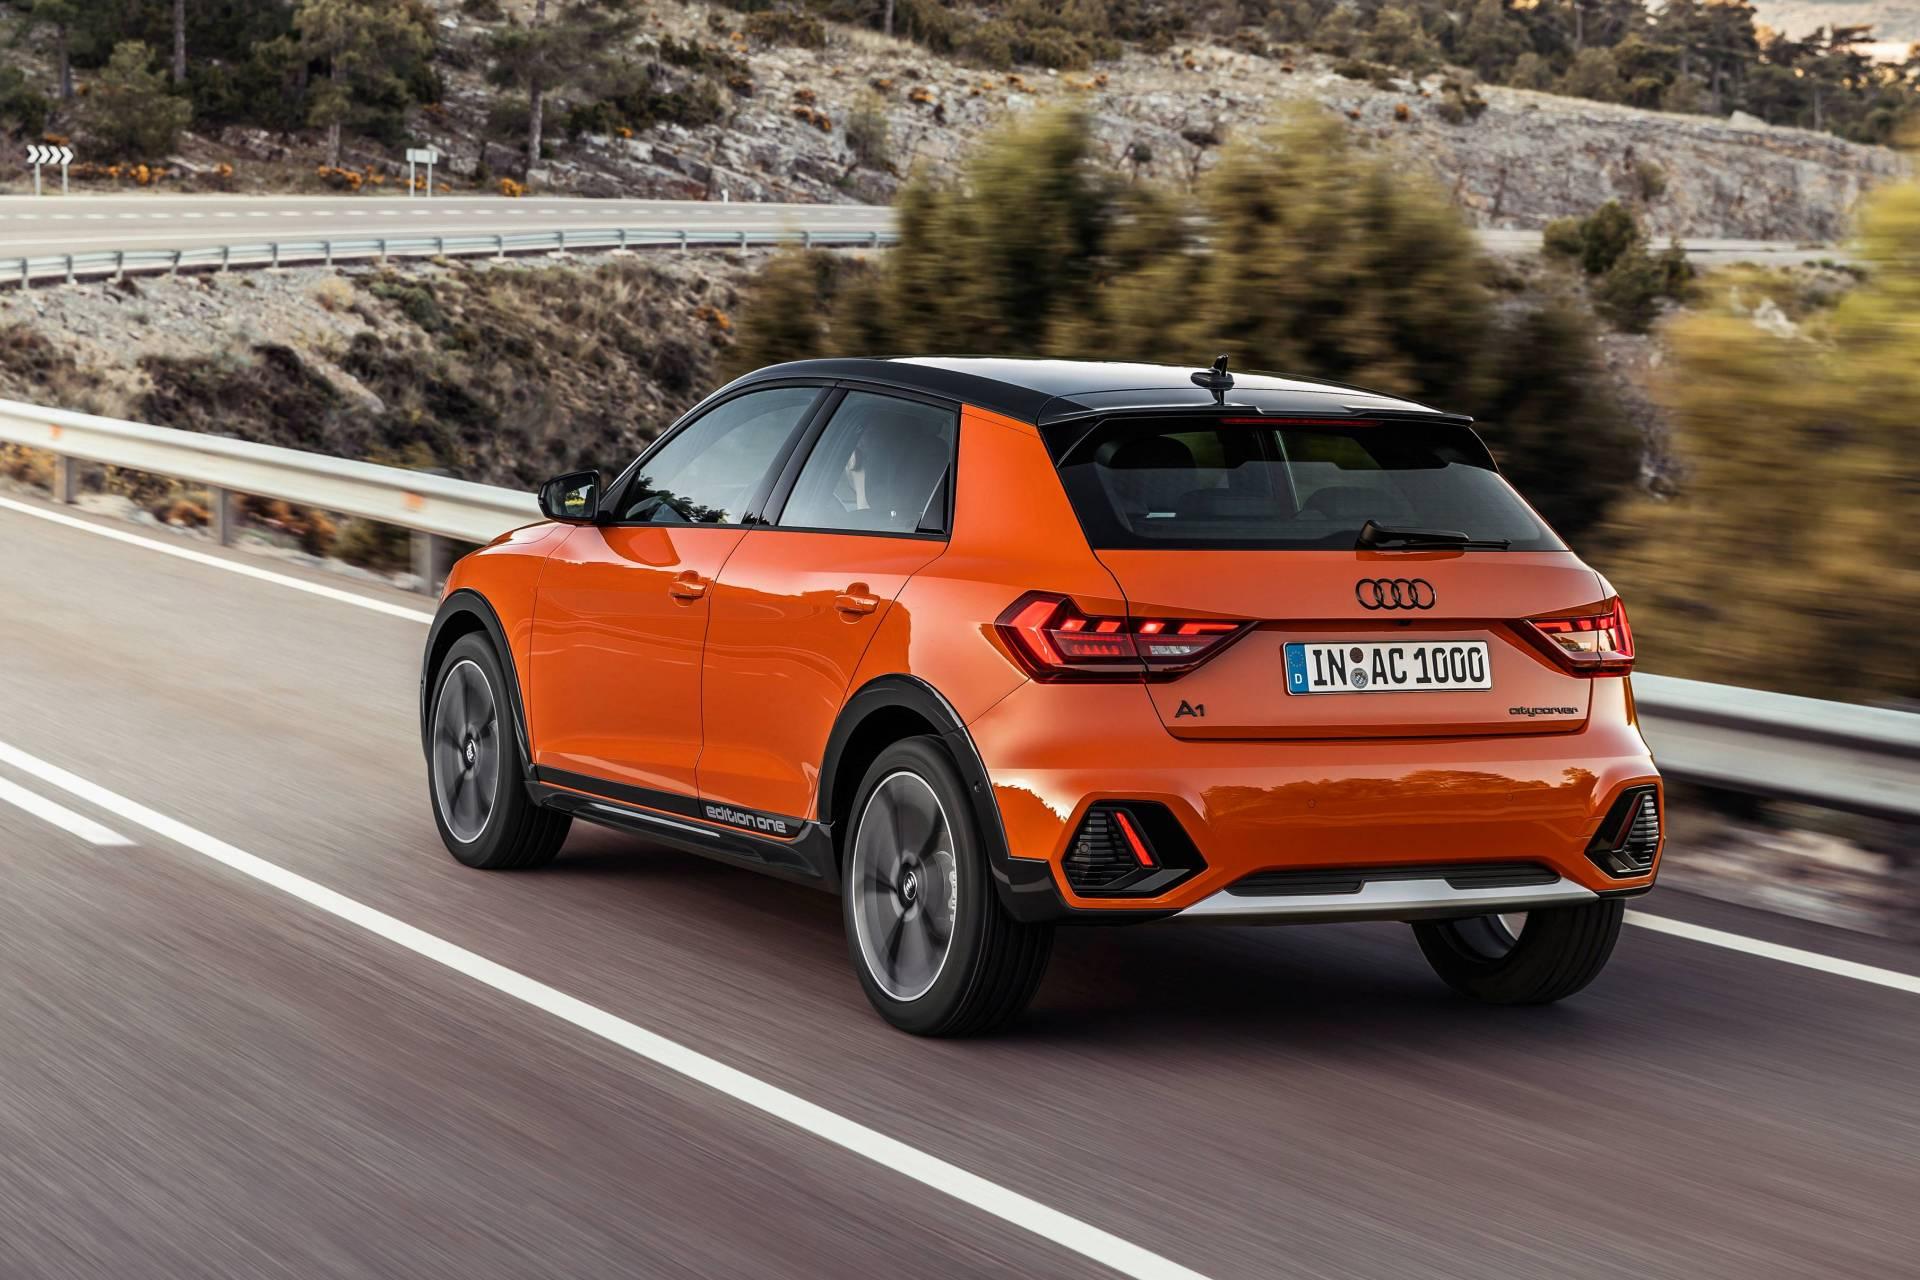 Audi A1 Citycarver 2020 ra mắt phiên bản hatchback gầm cao, tiện dụng cho đô thị - 5